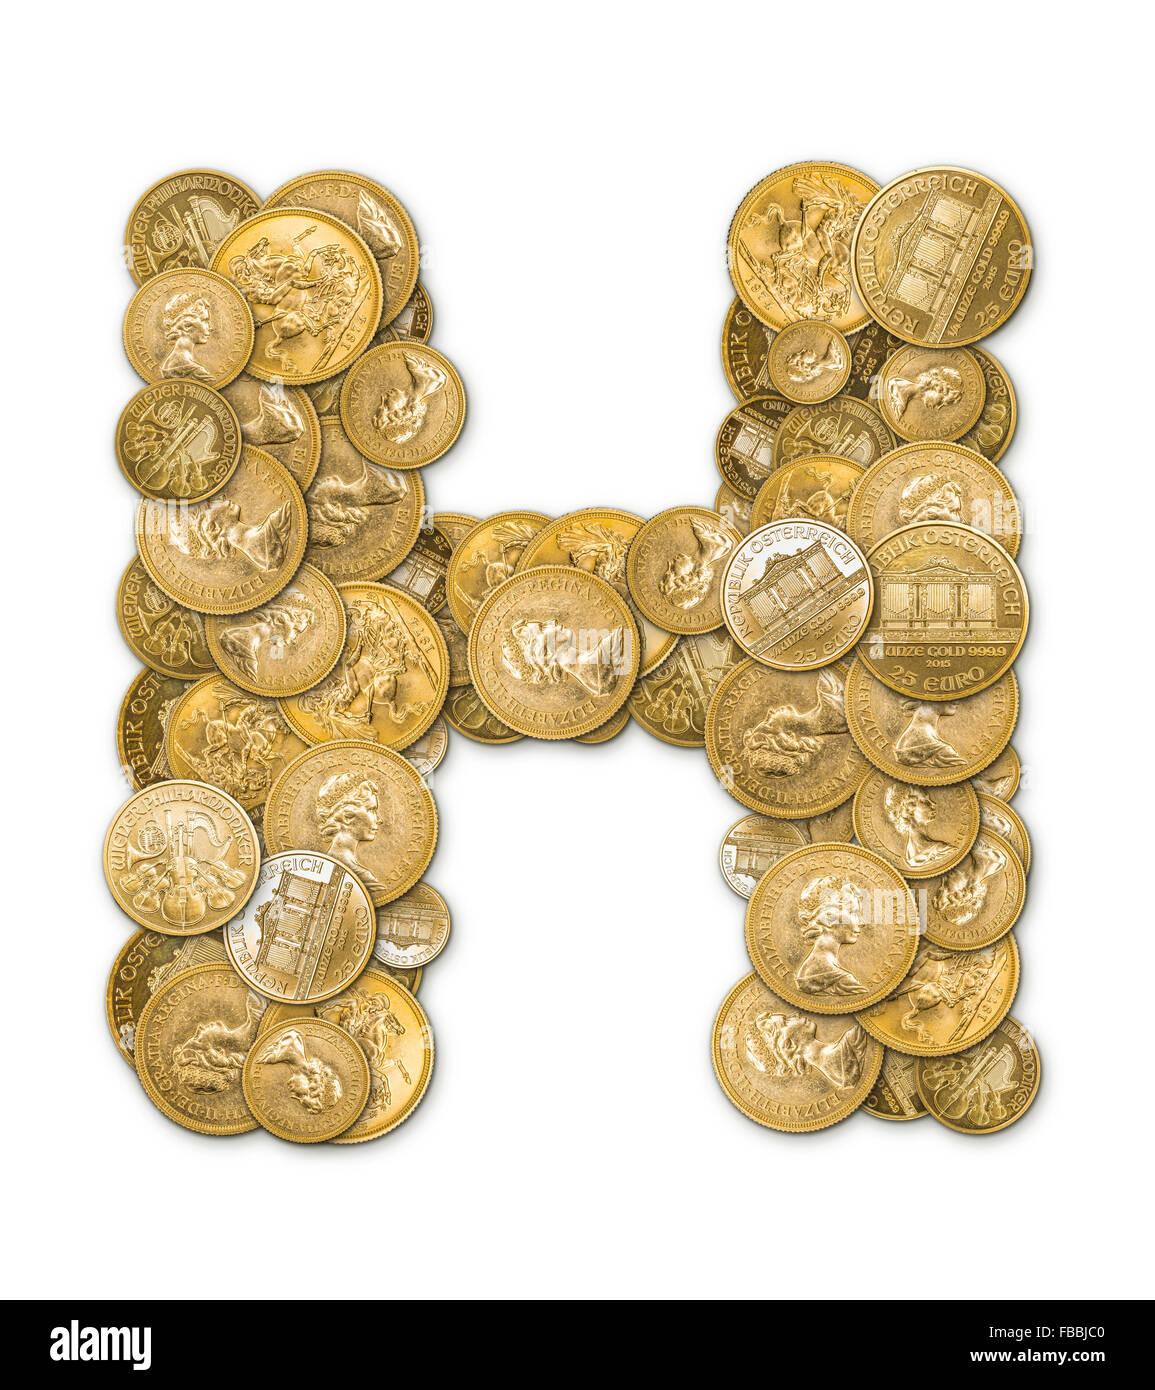 Buchstabe H Hergestellt Aus Gold Münzen Geld Isoliert Auf Weißem